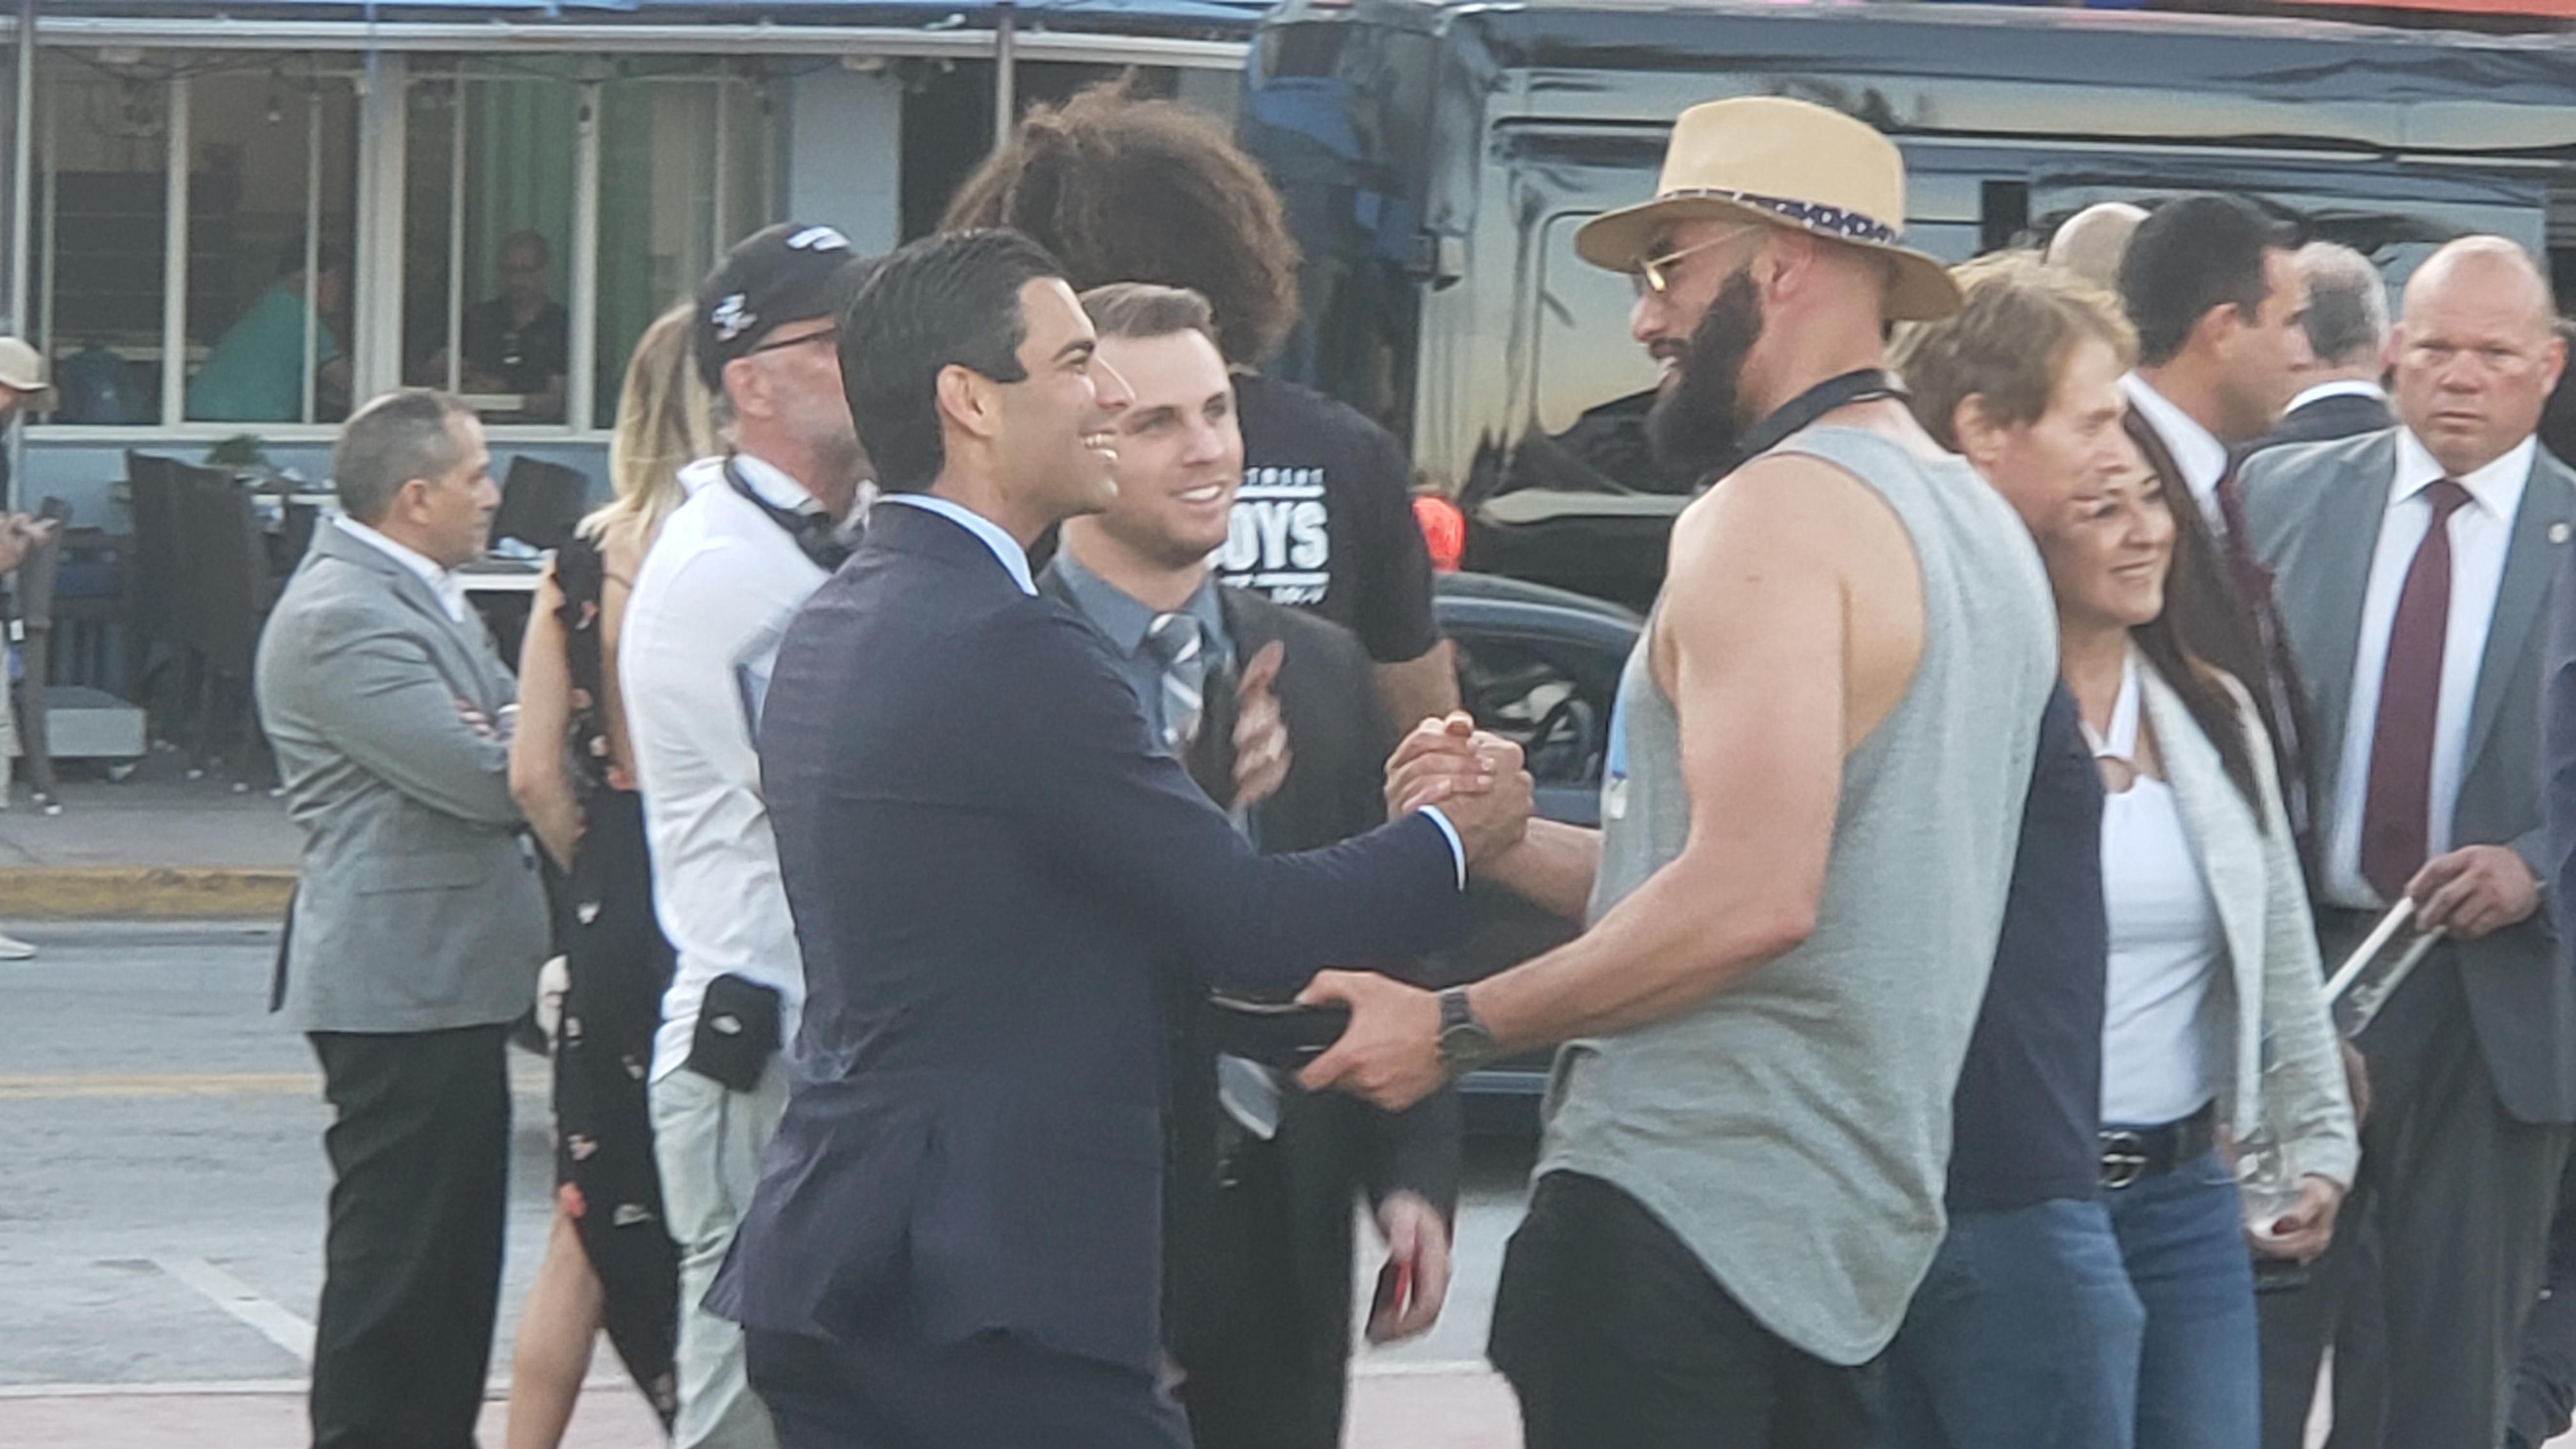 El alcalde de Miami, Francis Suárez, saludó a los directores Bilall Fallah (izq.) y Adil El Arbi y artistas durante la filmación. (Foto: Opy Morales)